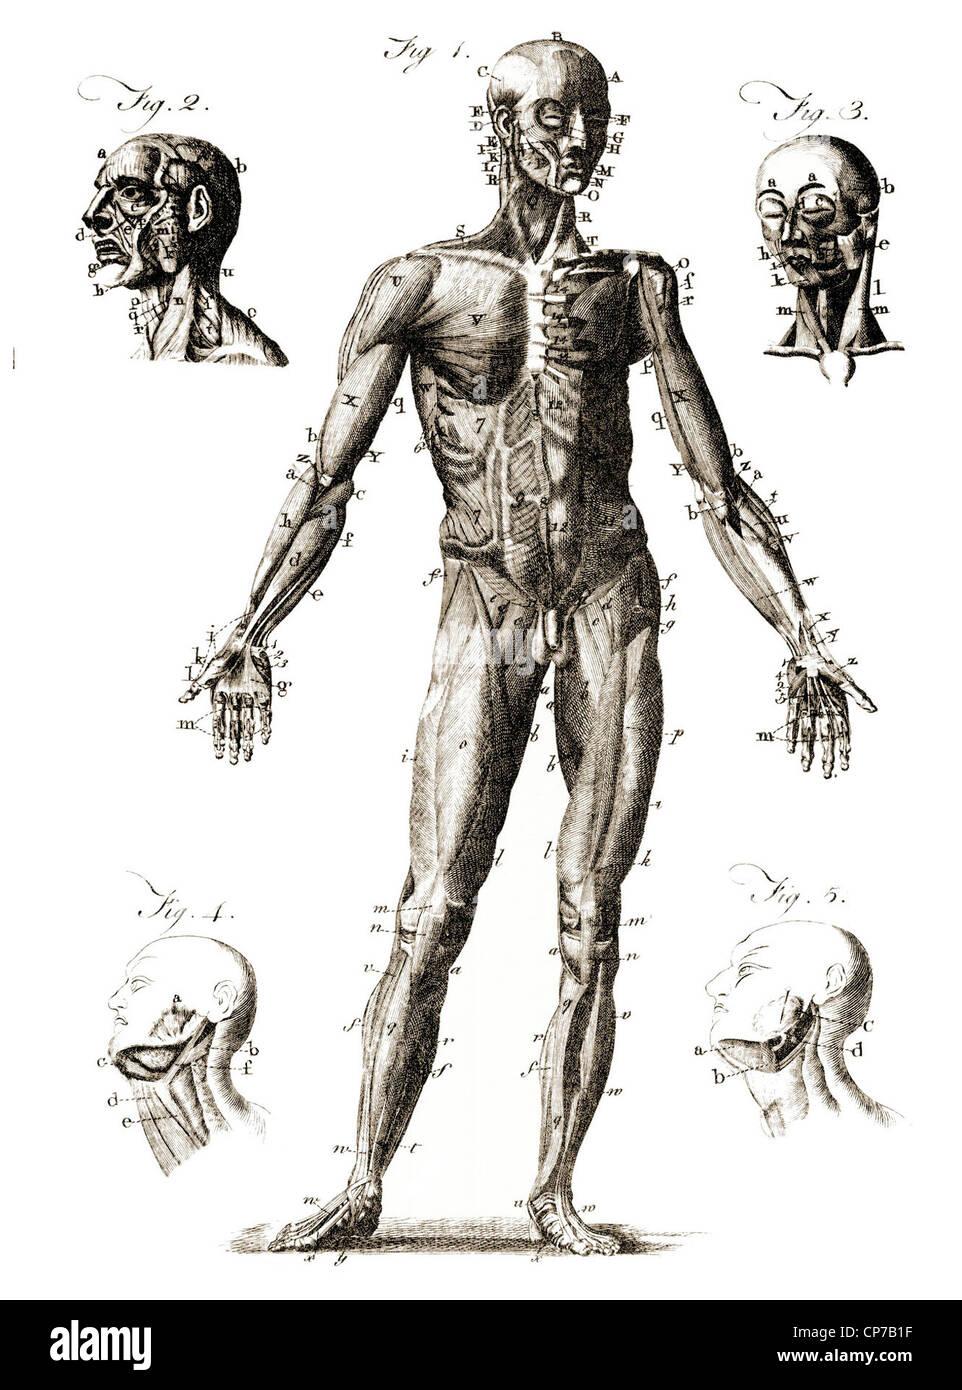 Historical Anatomy Imágenes De Stock & Historical Anatomy Fotos De ...